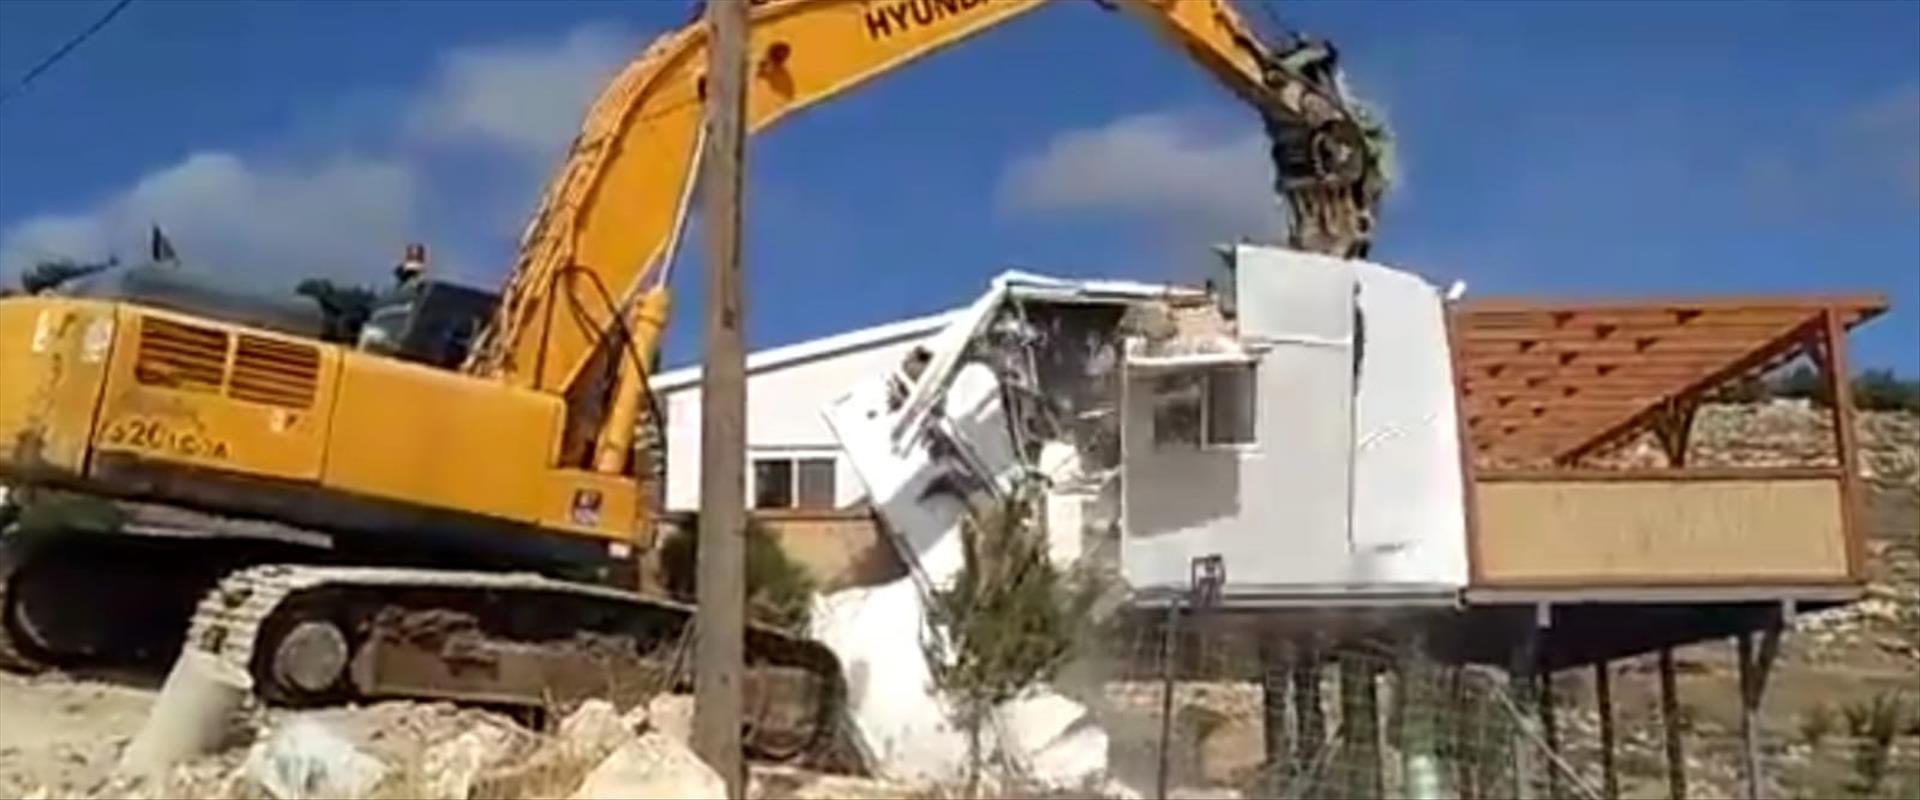 הבית שנהרס ב-2017